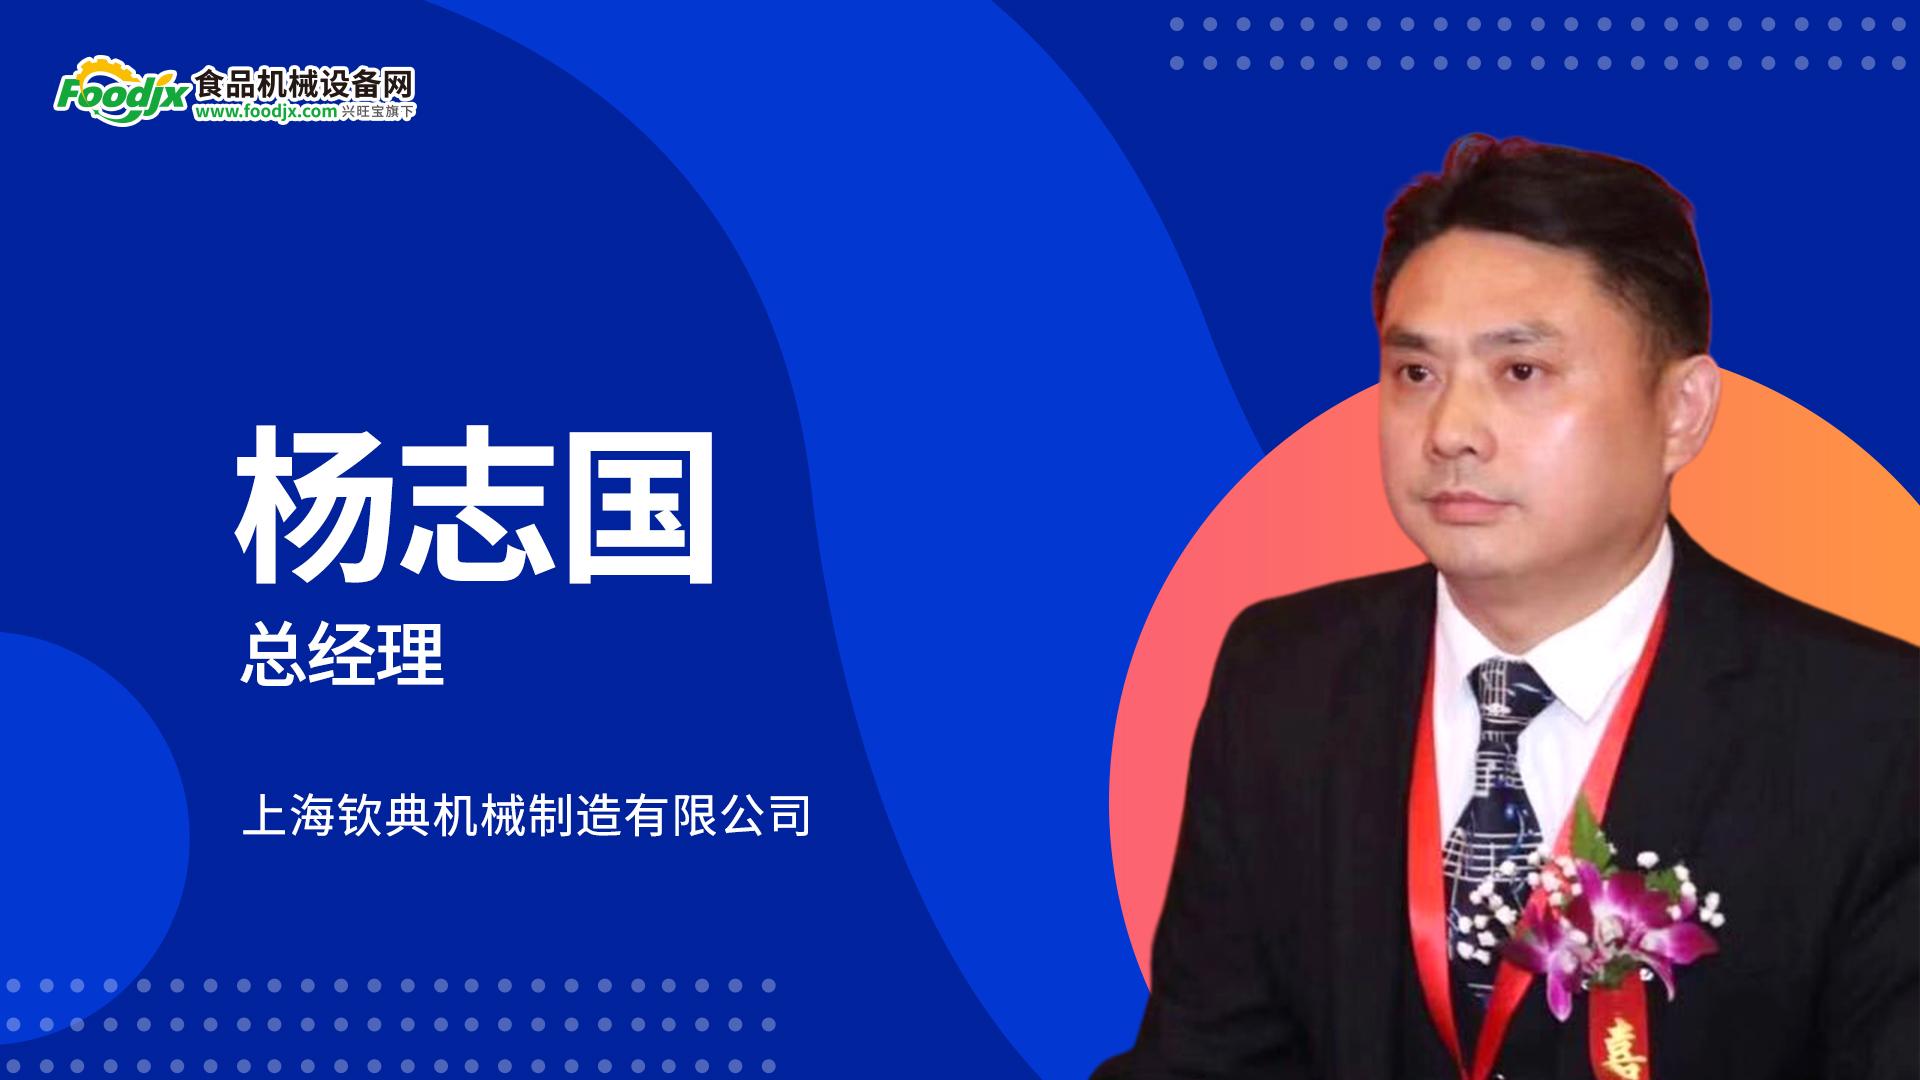 食品机械设备网专访上海钦典总经理杨志国